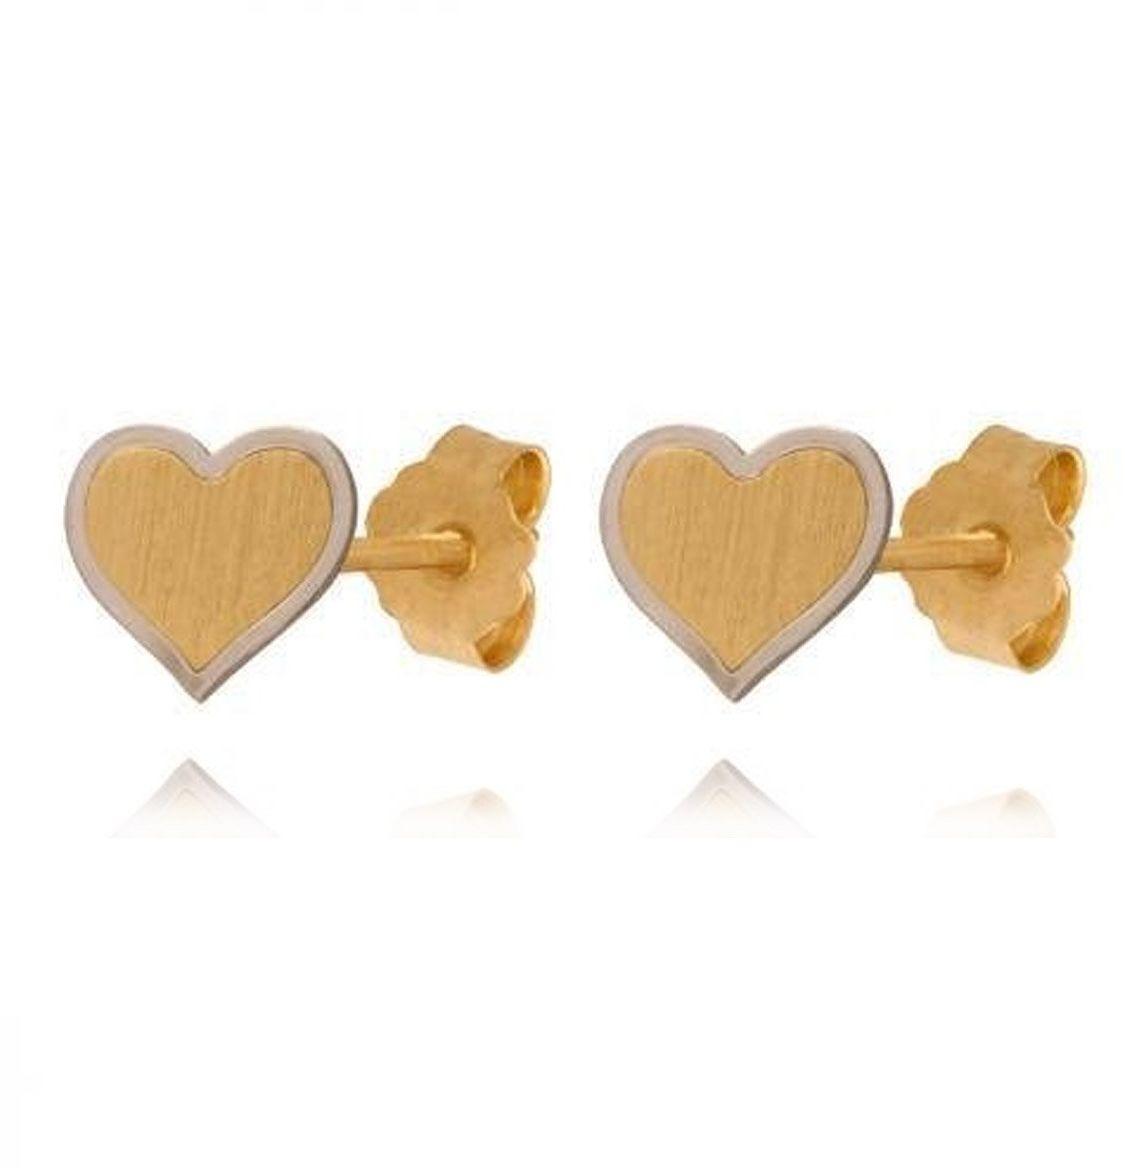 Kolczyki serduszka żółte i białe złoto próba 585